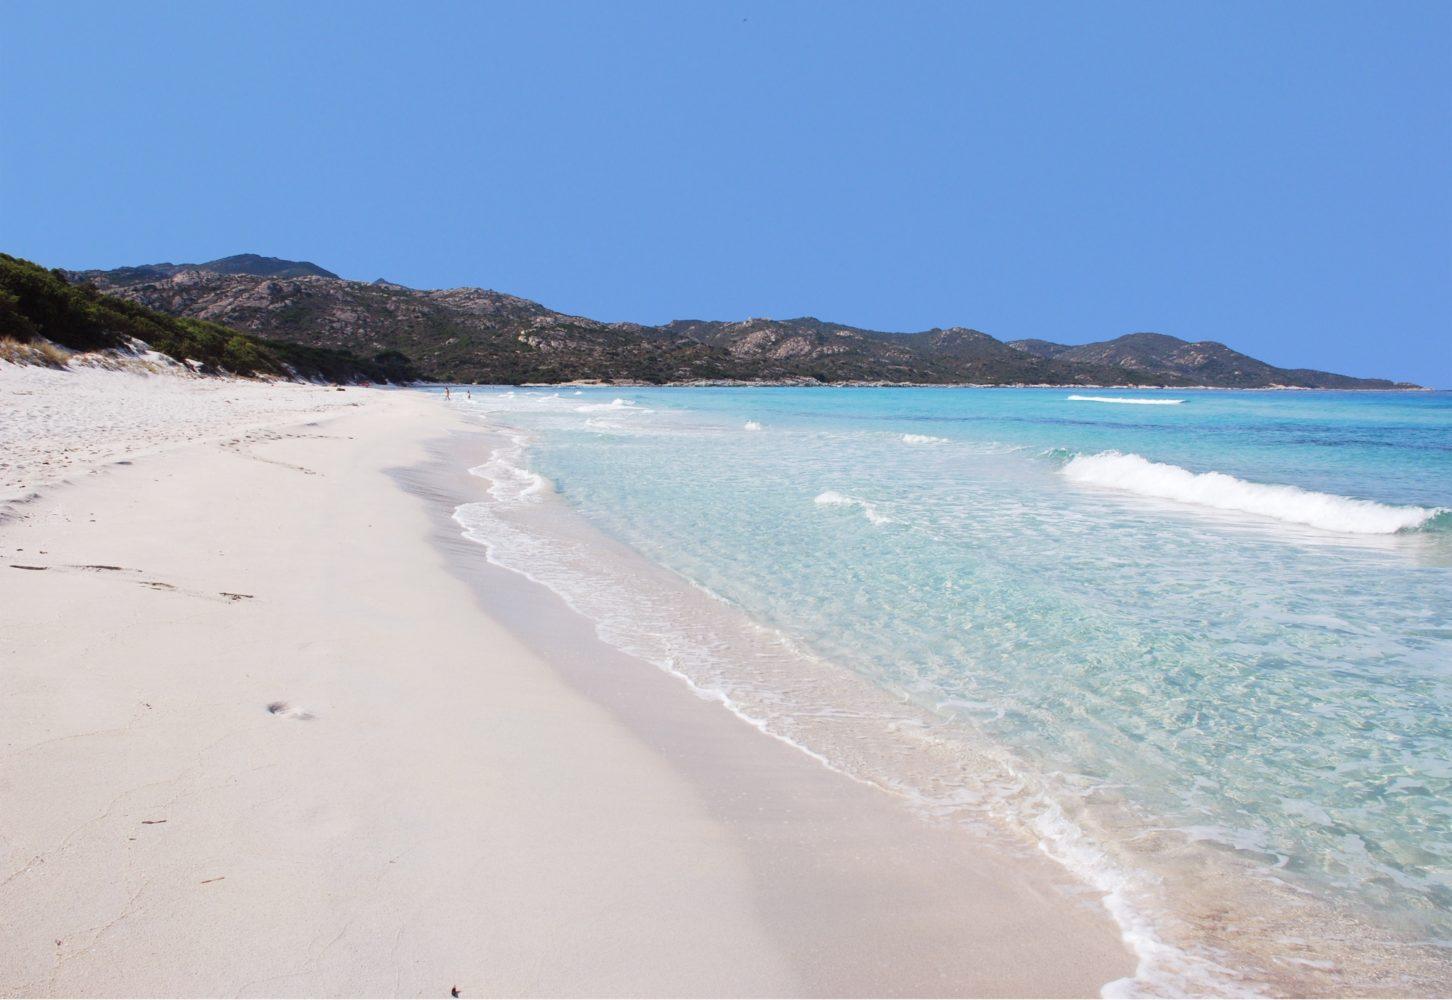 La plage de sable blanc de Saleccia à Saint Florent